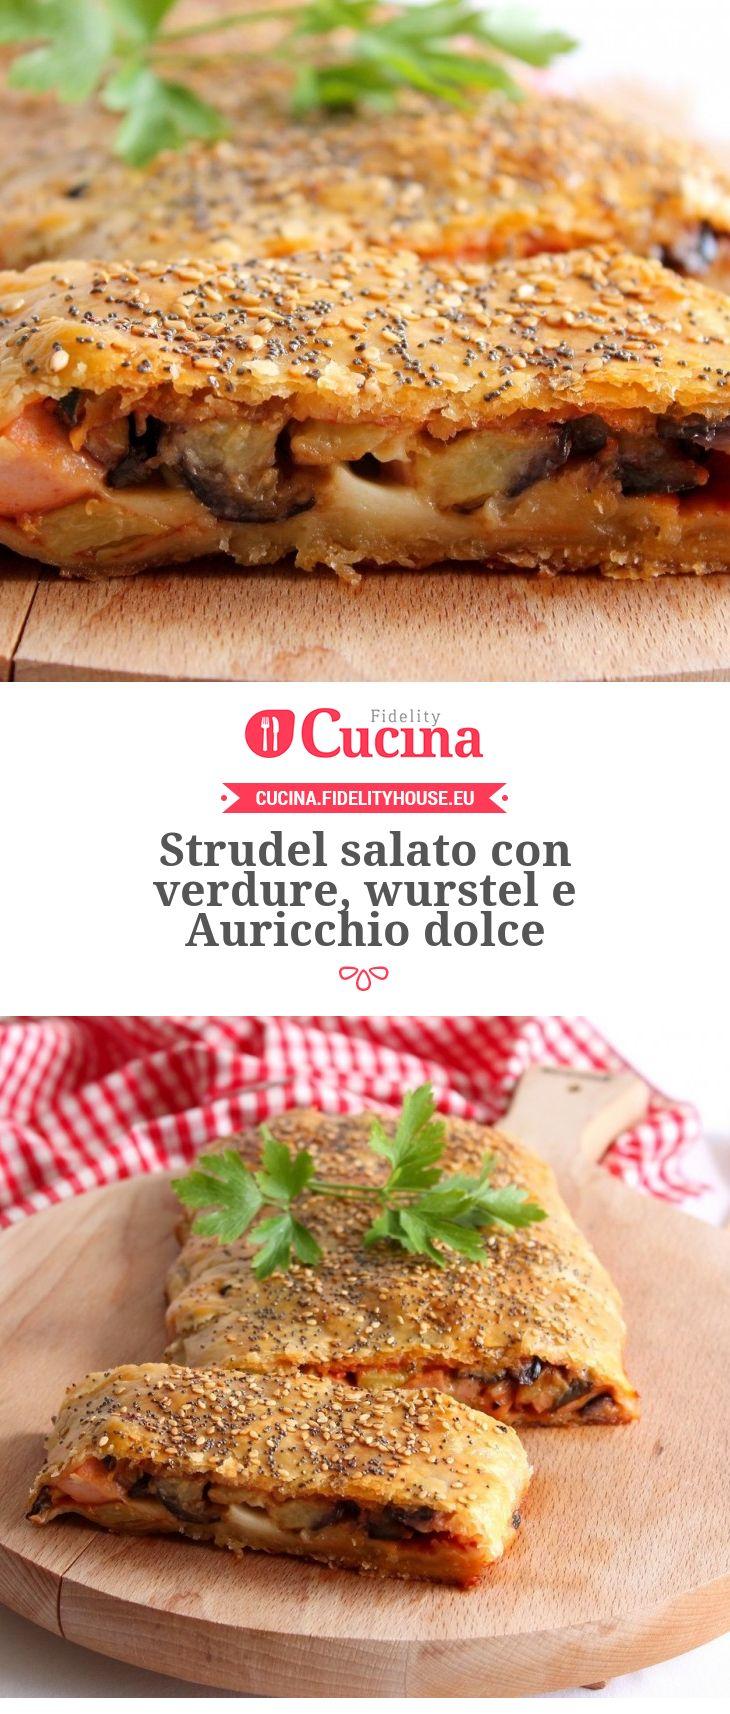 Strudel salato con #verdure, #wurstel e #Auricchio dolce della nostra utente Giovanna. Unisciti alla nostra Community ed invia le tue ricette!